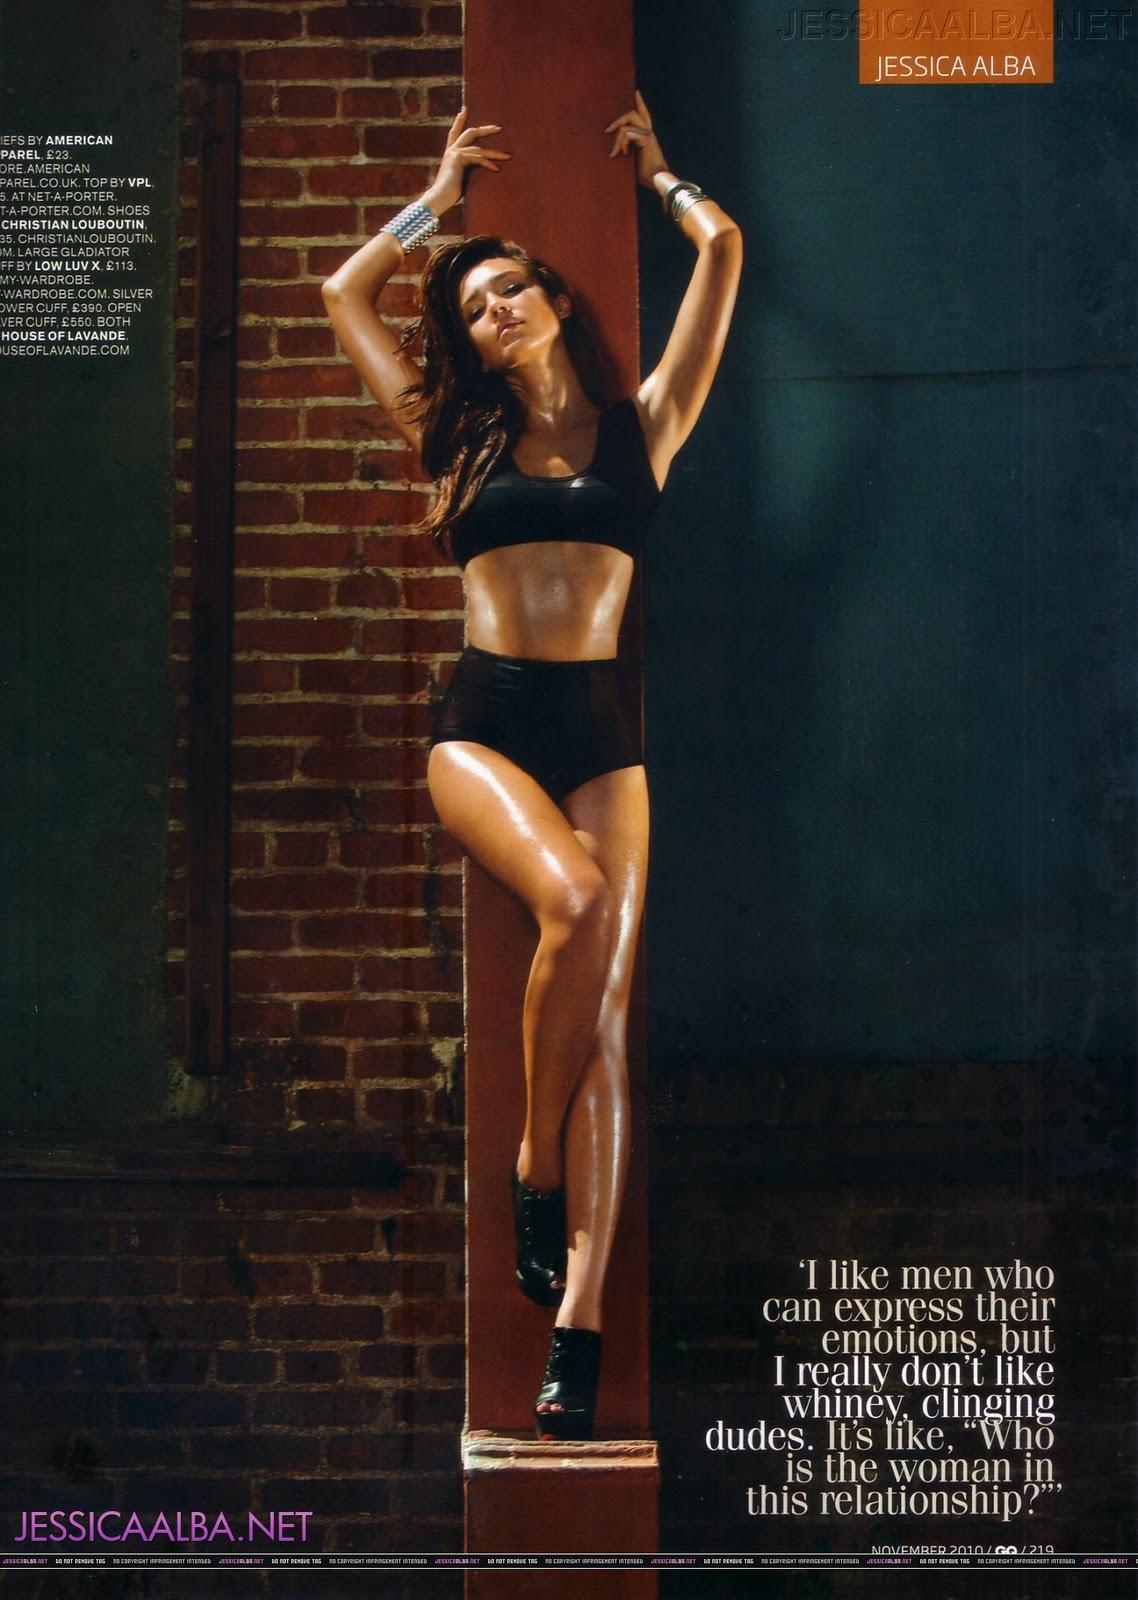 http://3.bp.blogspot.com/_Dak_-l9vCck/TK517He_HkI/AAAAAAAABac/um2Qlms82wc/s1600/Jessica-Alba-31.jpg